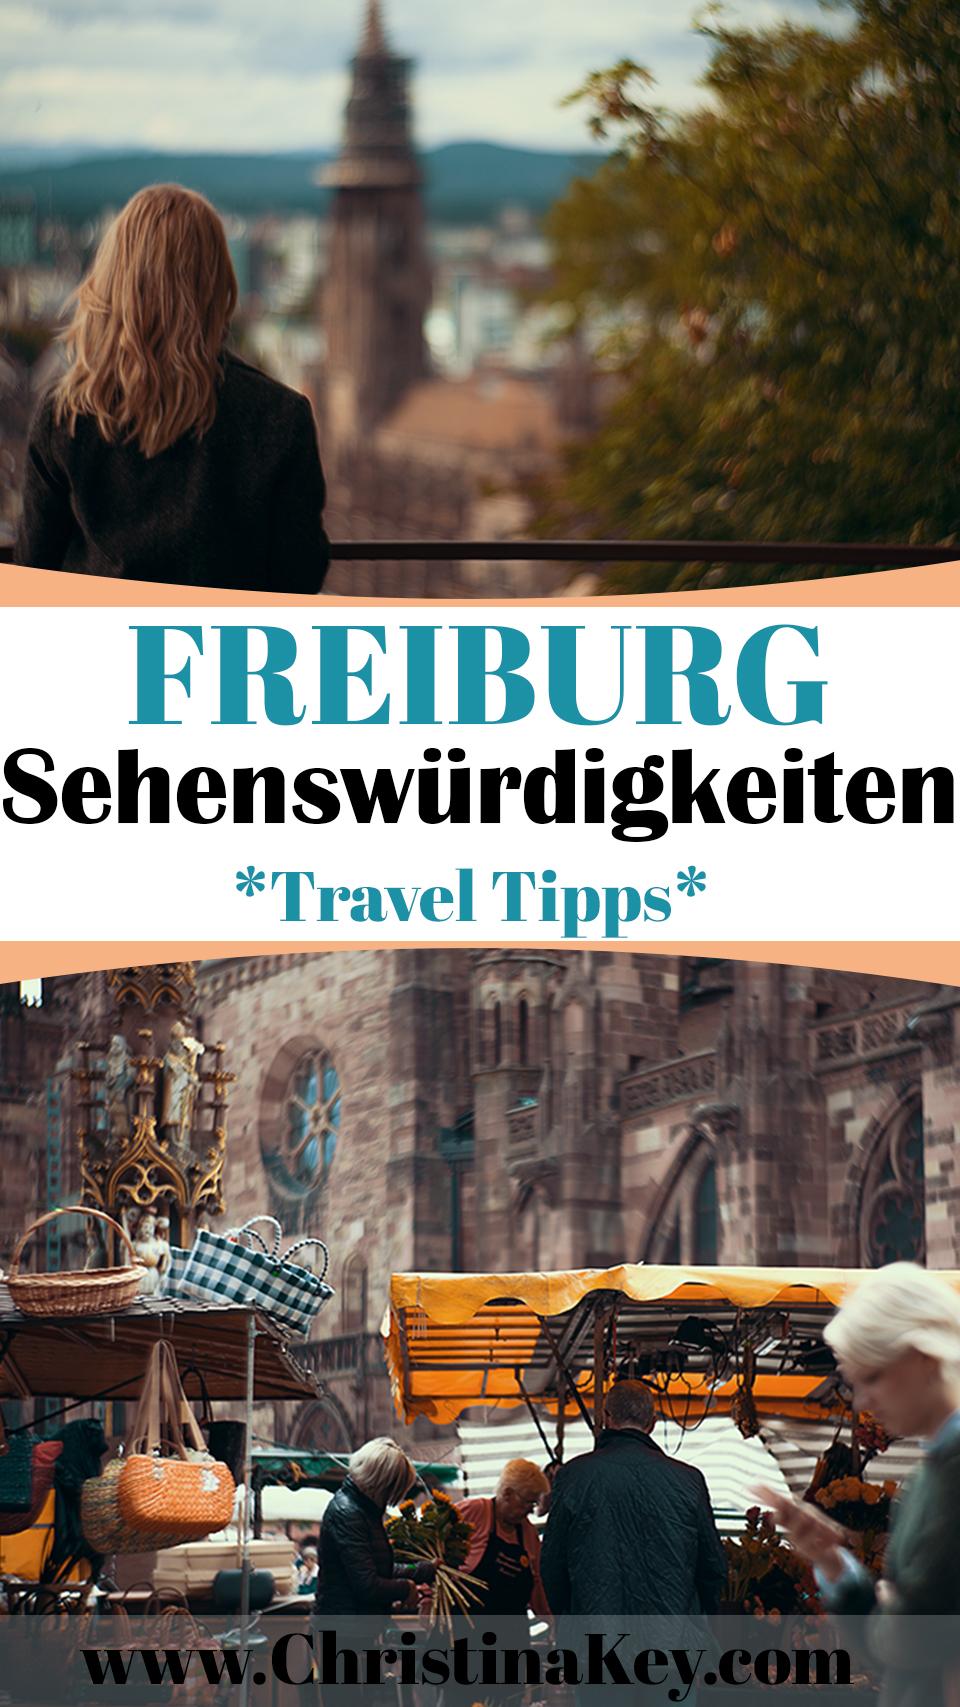 Freiburg-Sehenswürdigkeiten